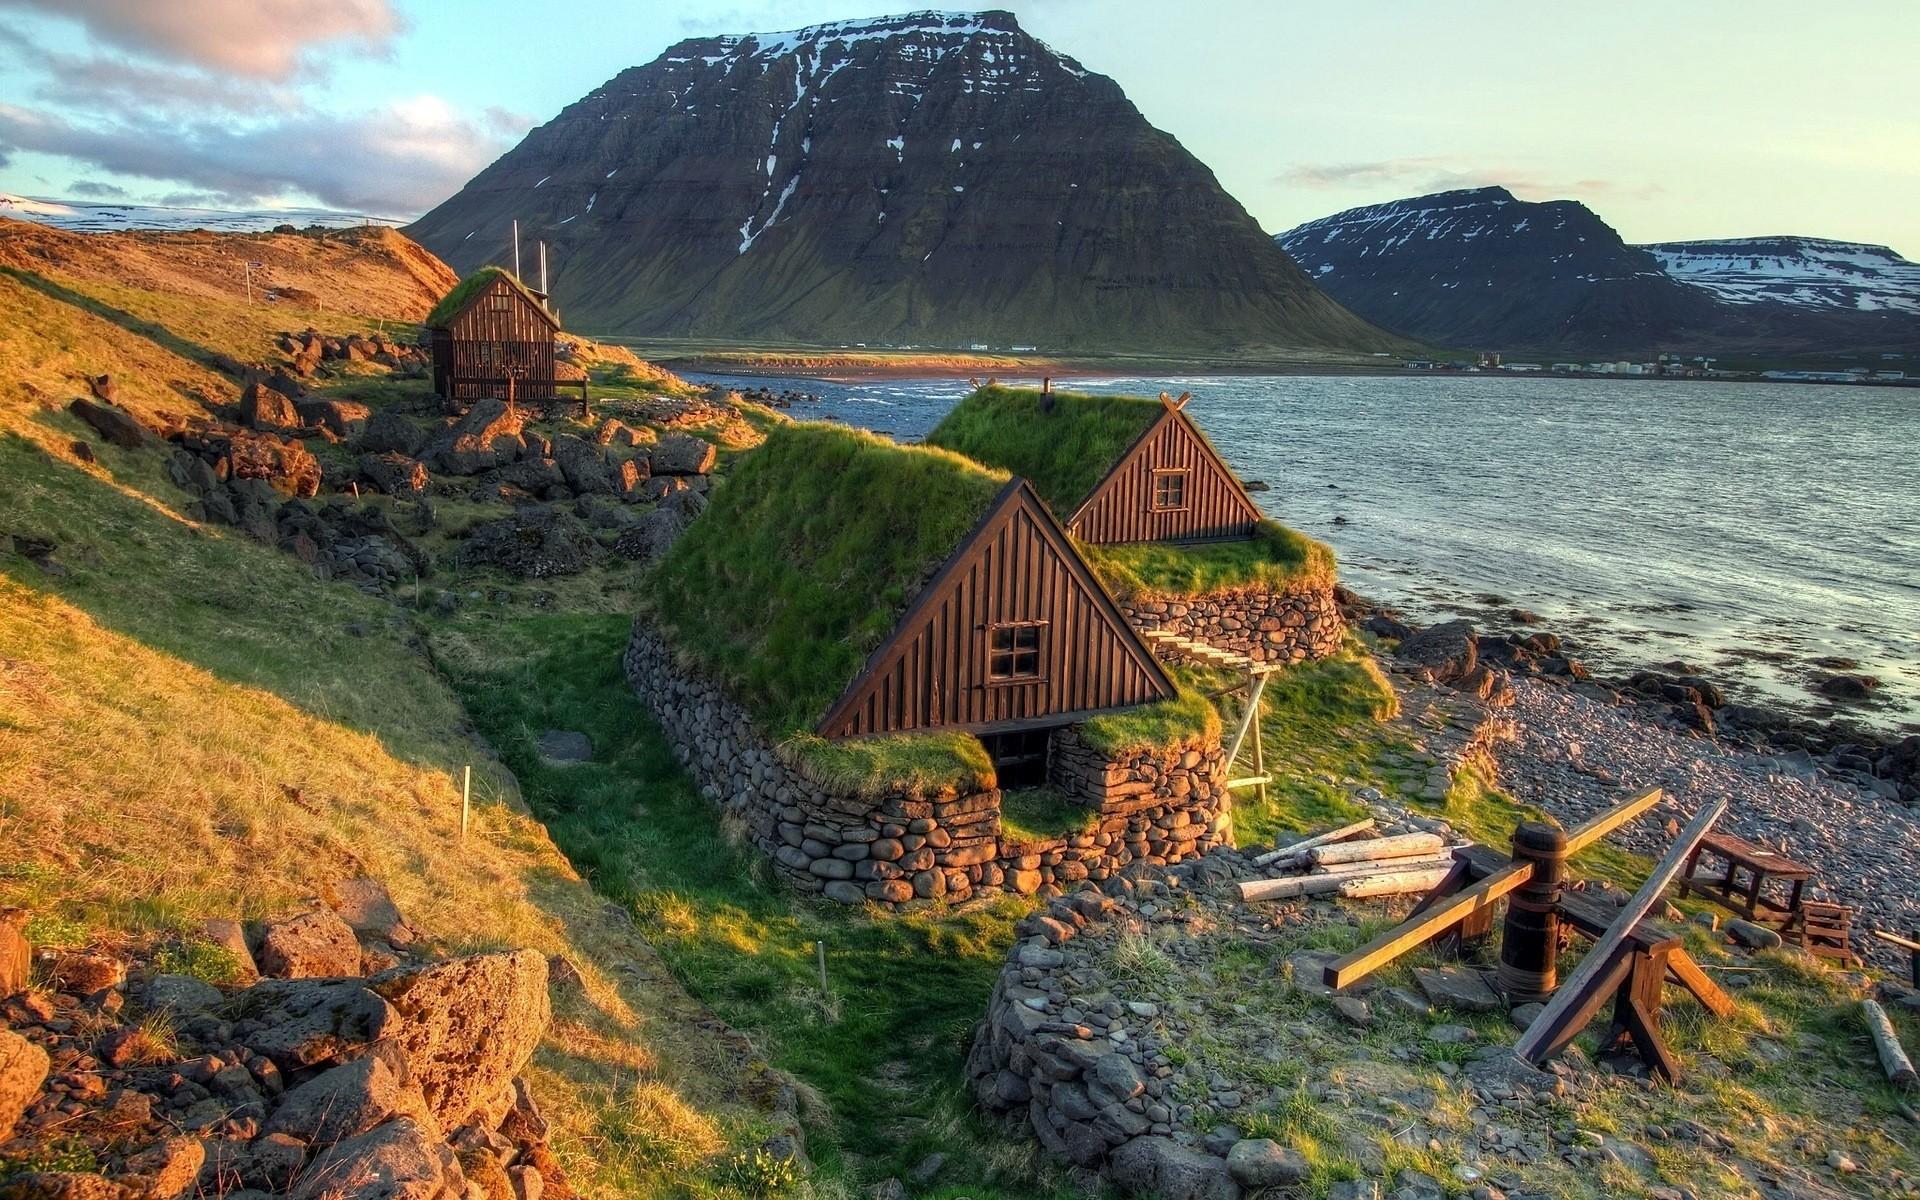 обои на рабочий исландия род деятельности торговля